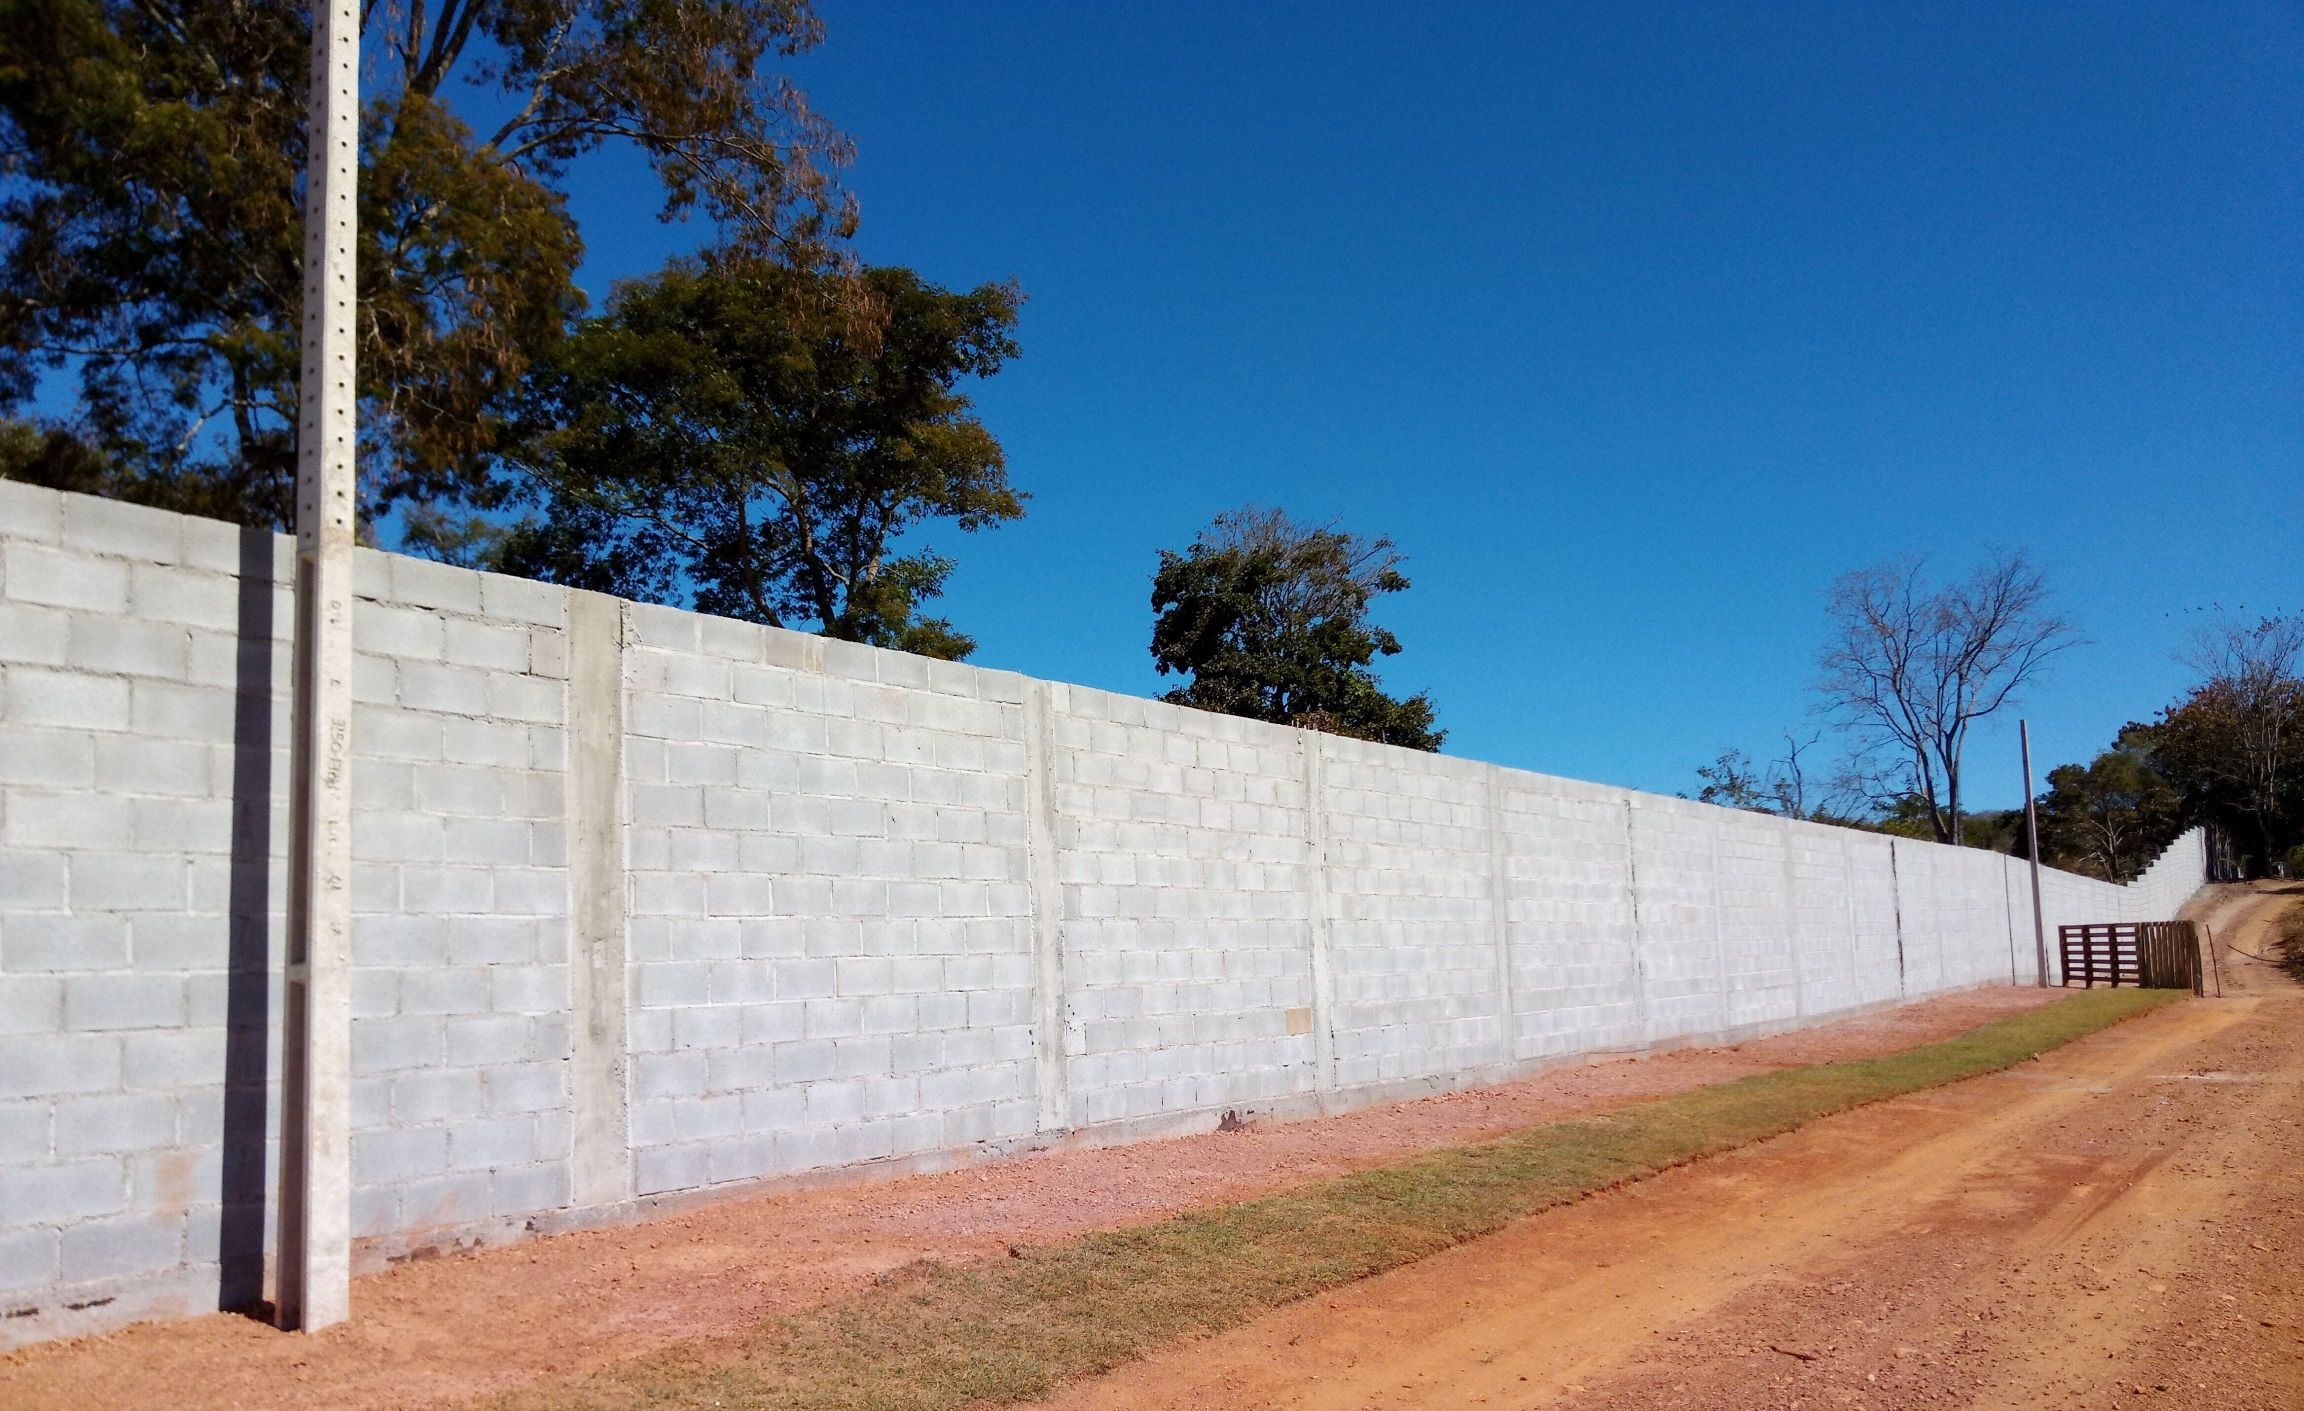 Muro de blocos